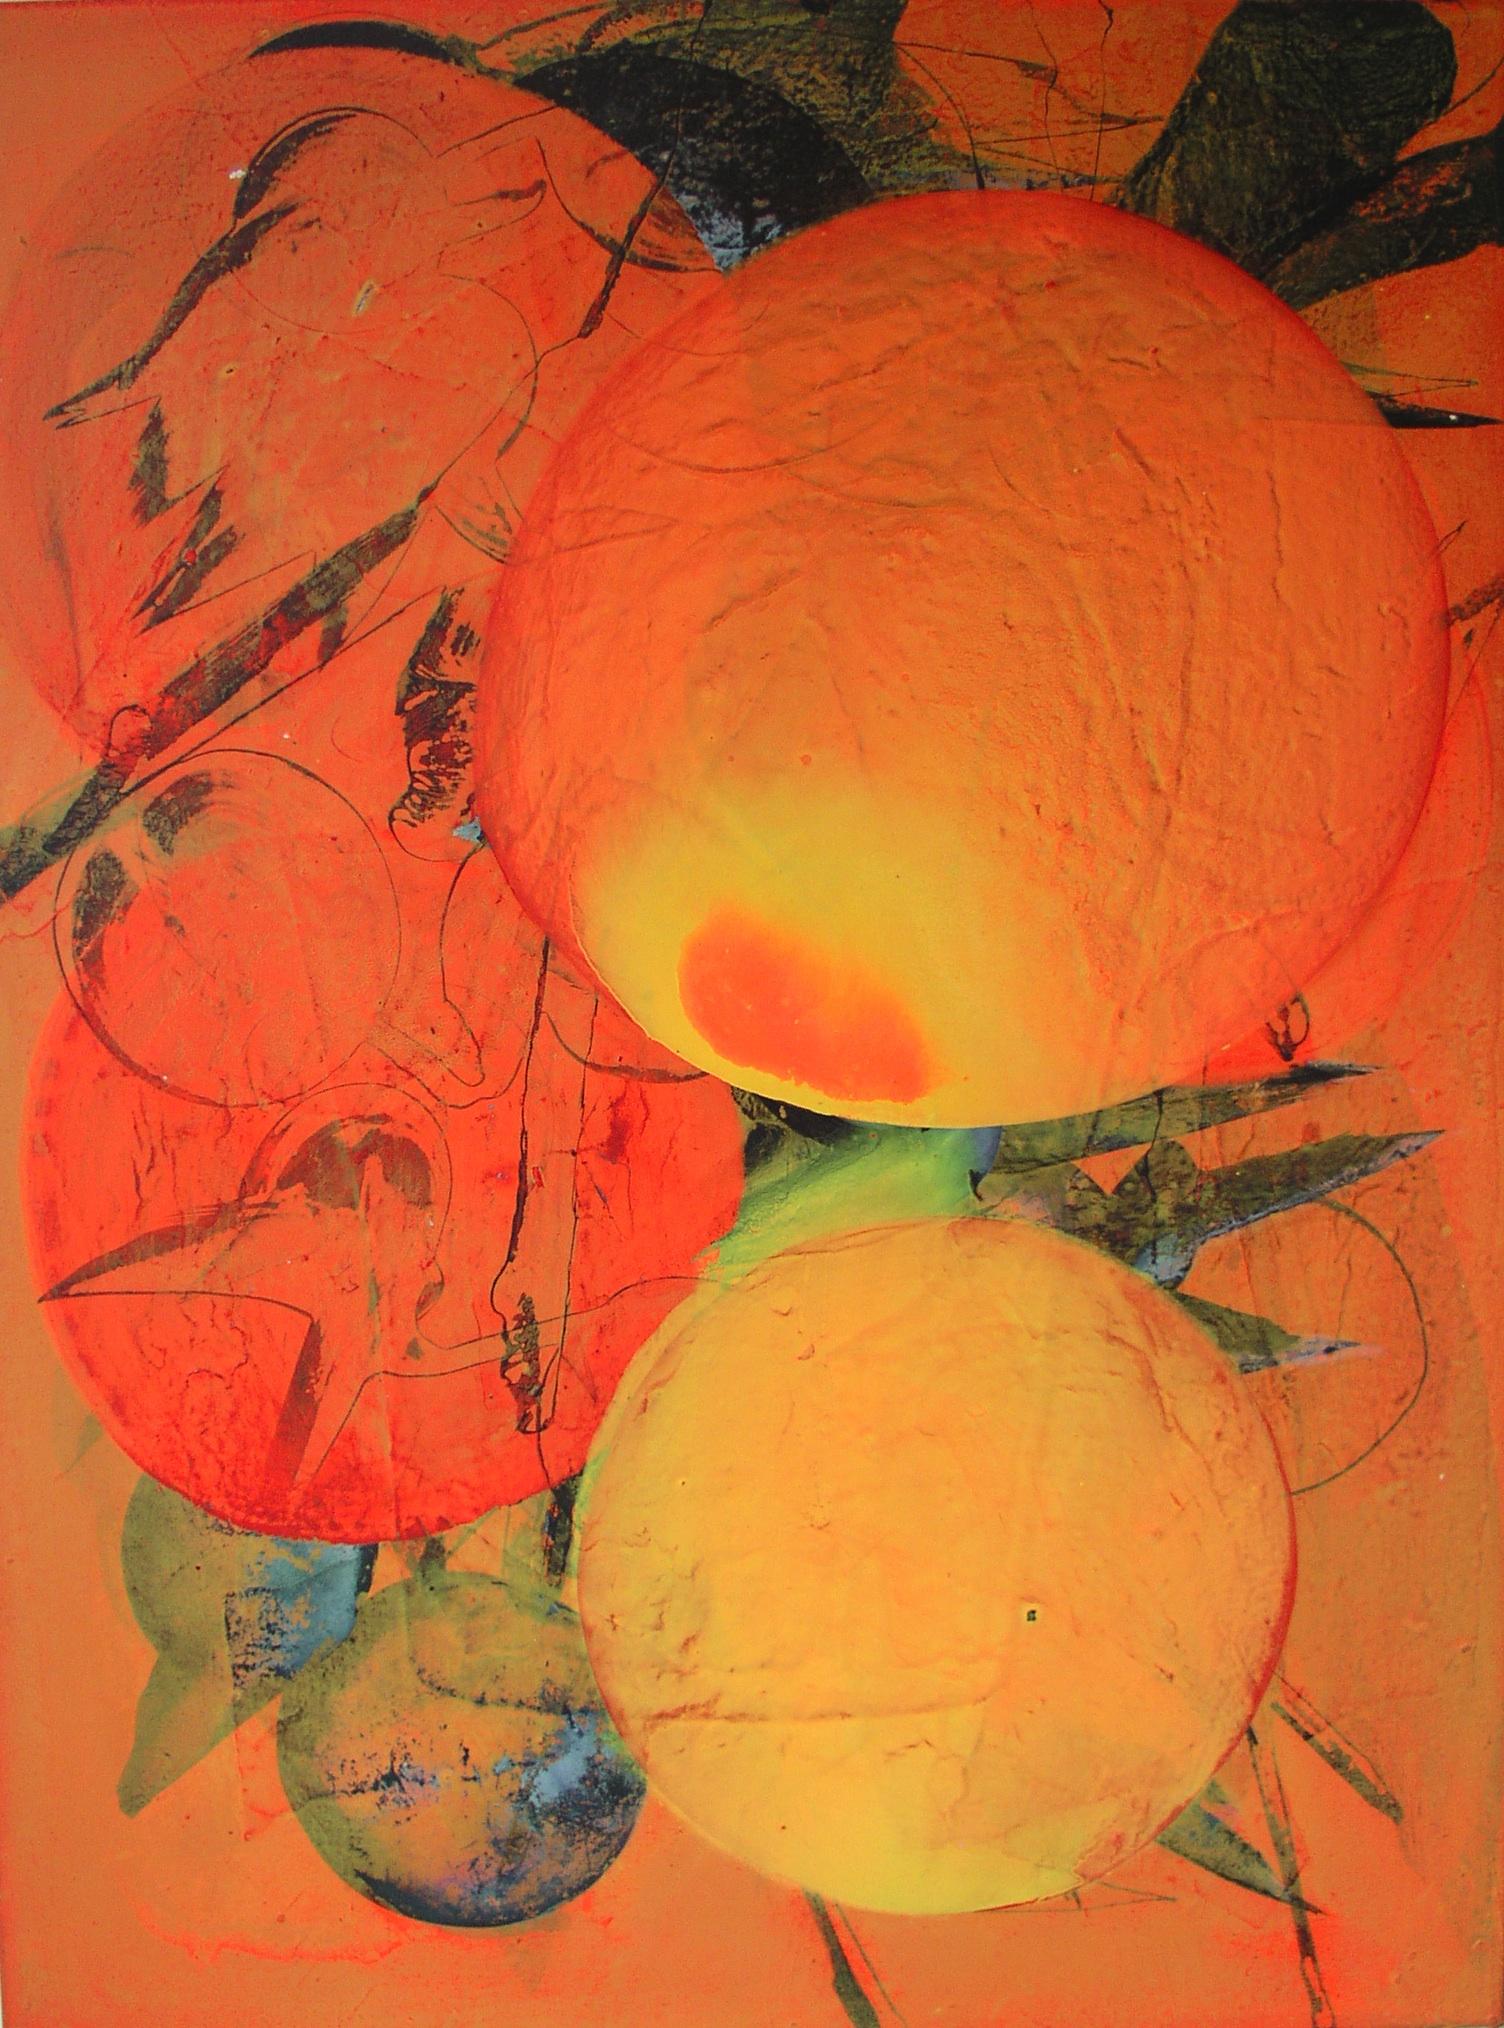 SoHyun Bae, Luscious Fruit, 2008, acrylic on canvas, 100 x 70 cm